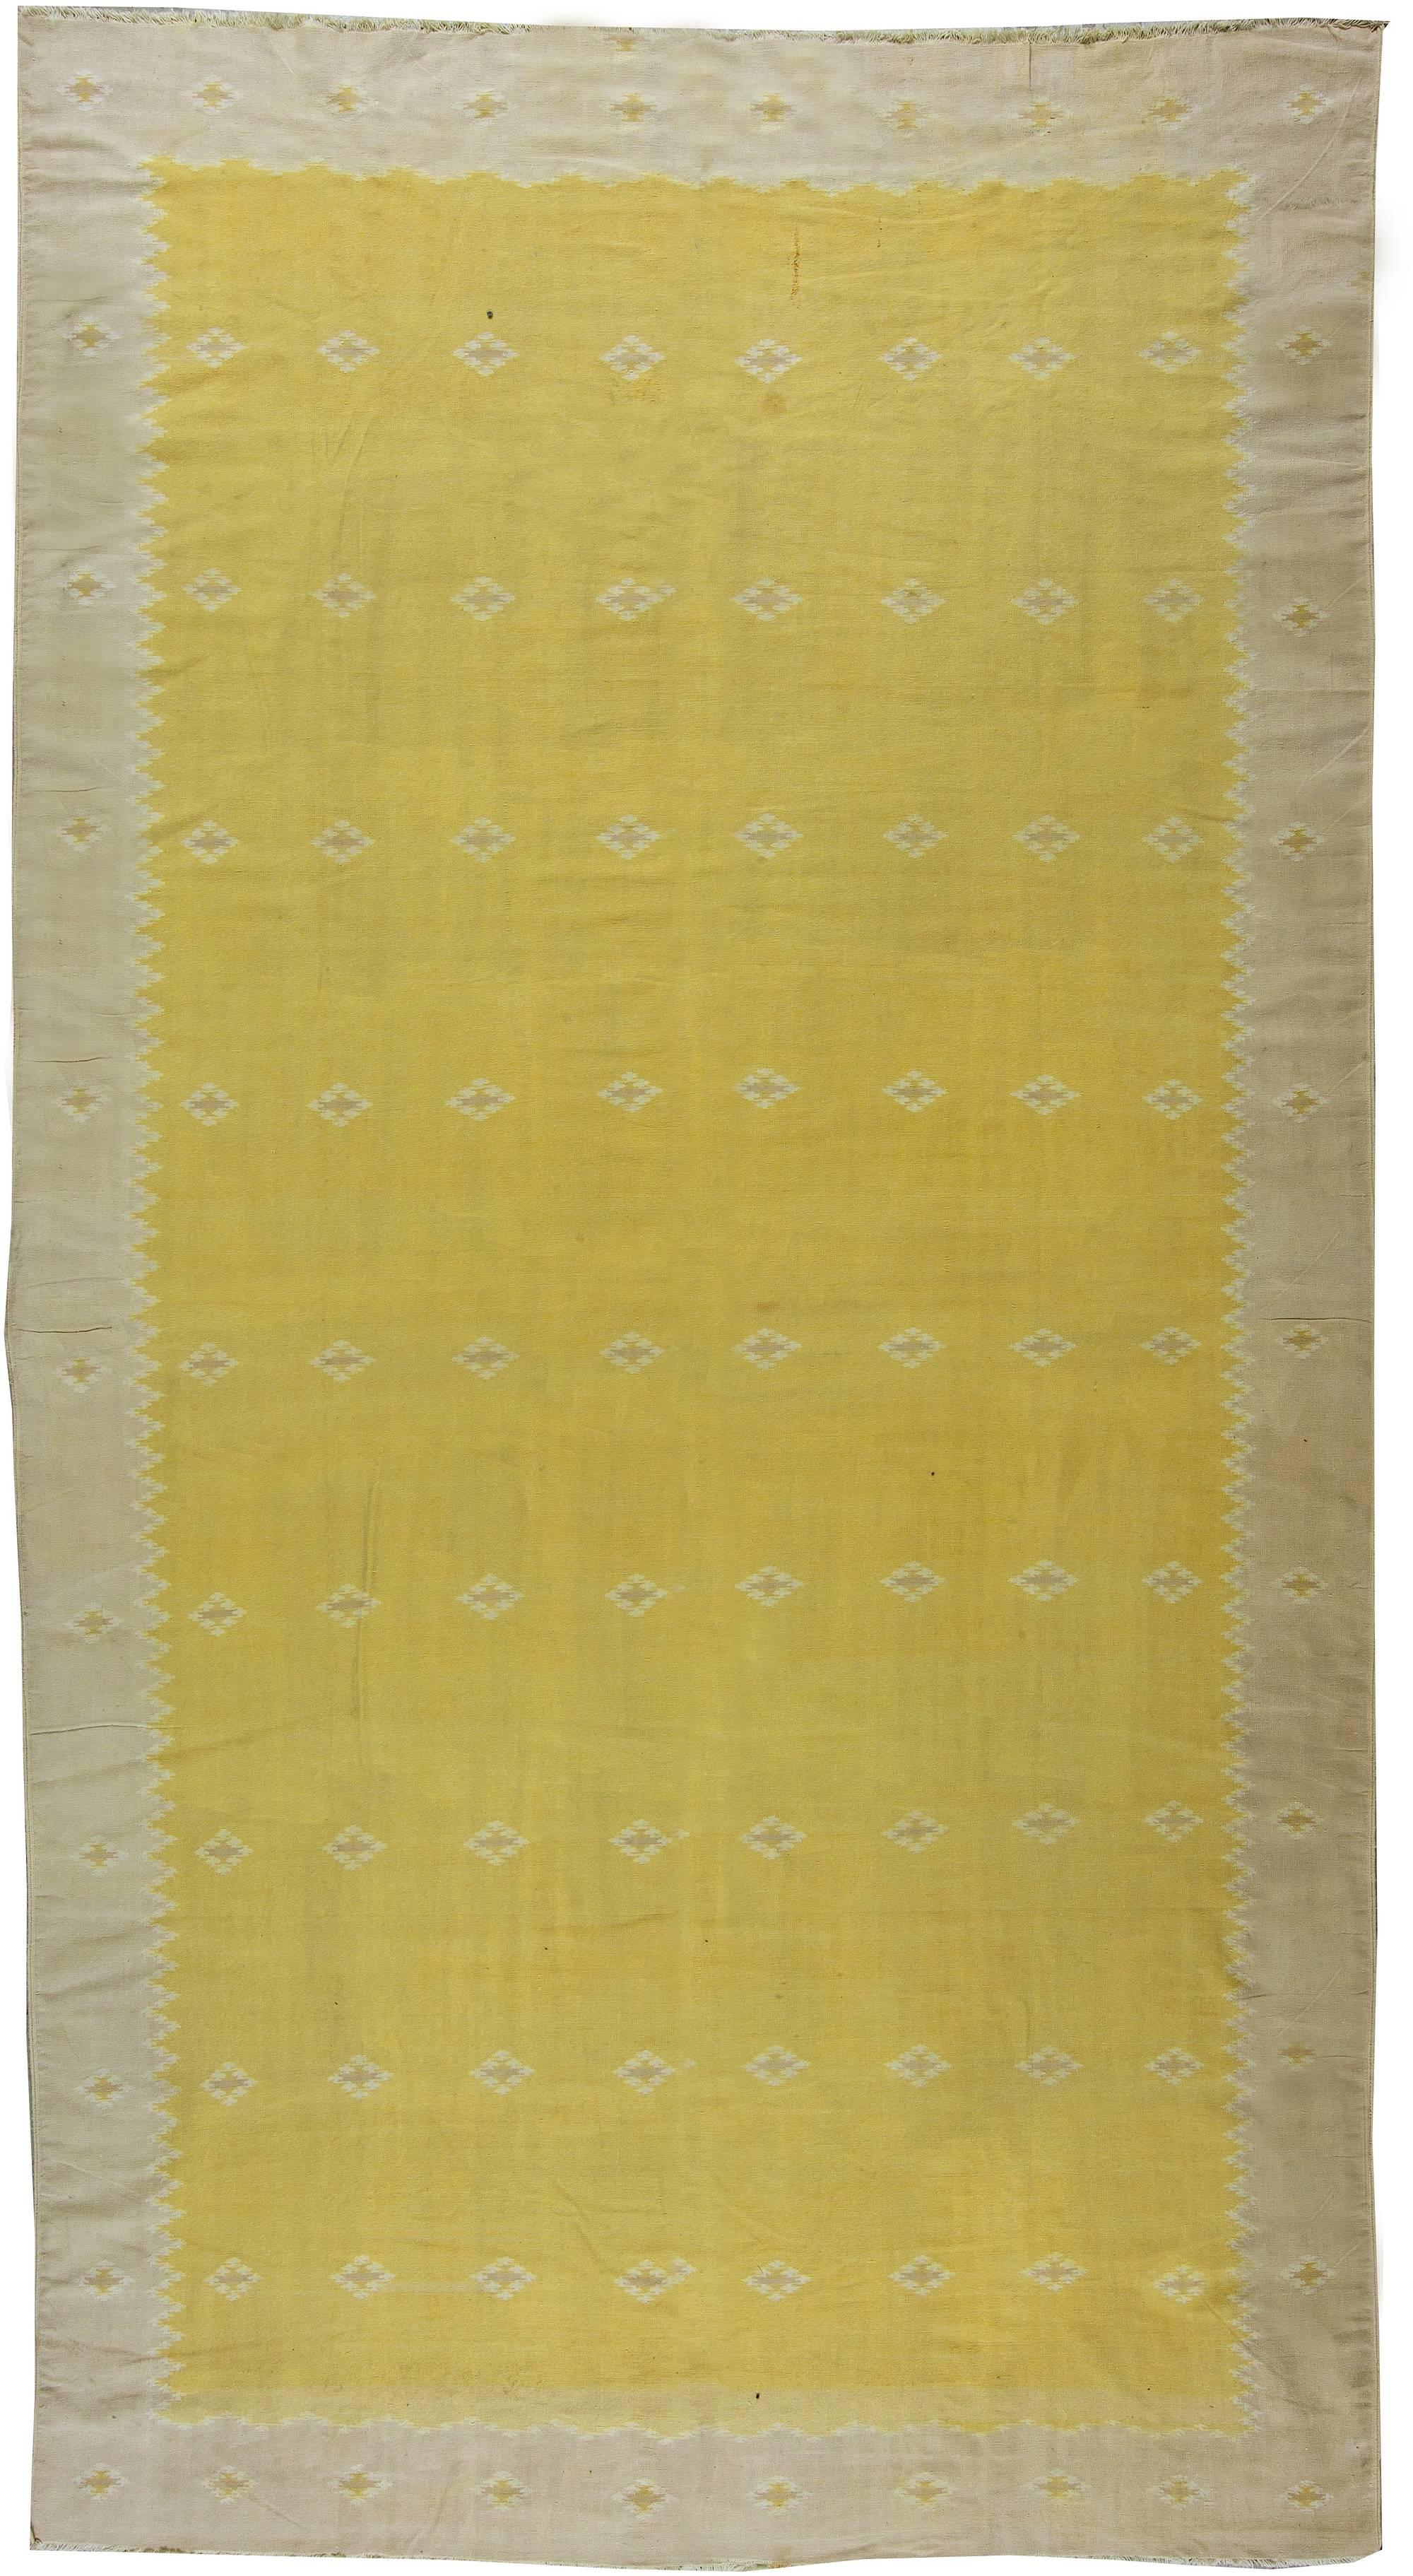 Indian Dhurrie Rugs Amp Carpets Vintage Dhurries In New York